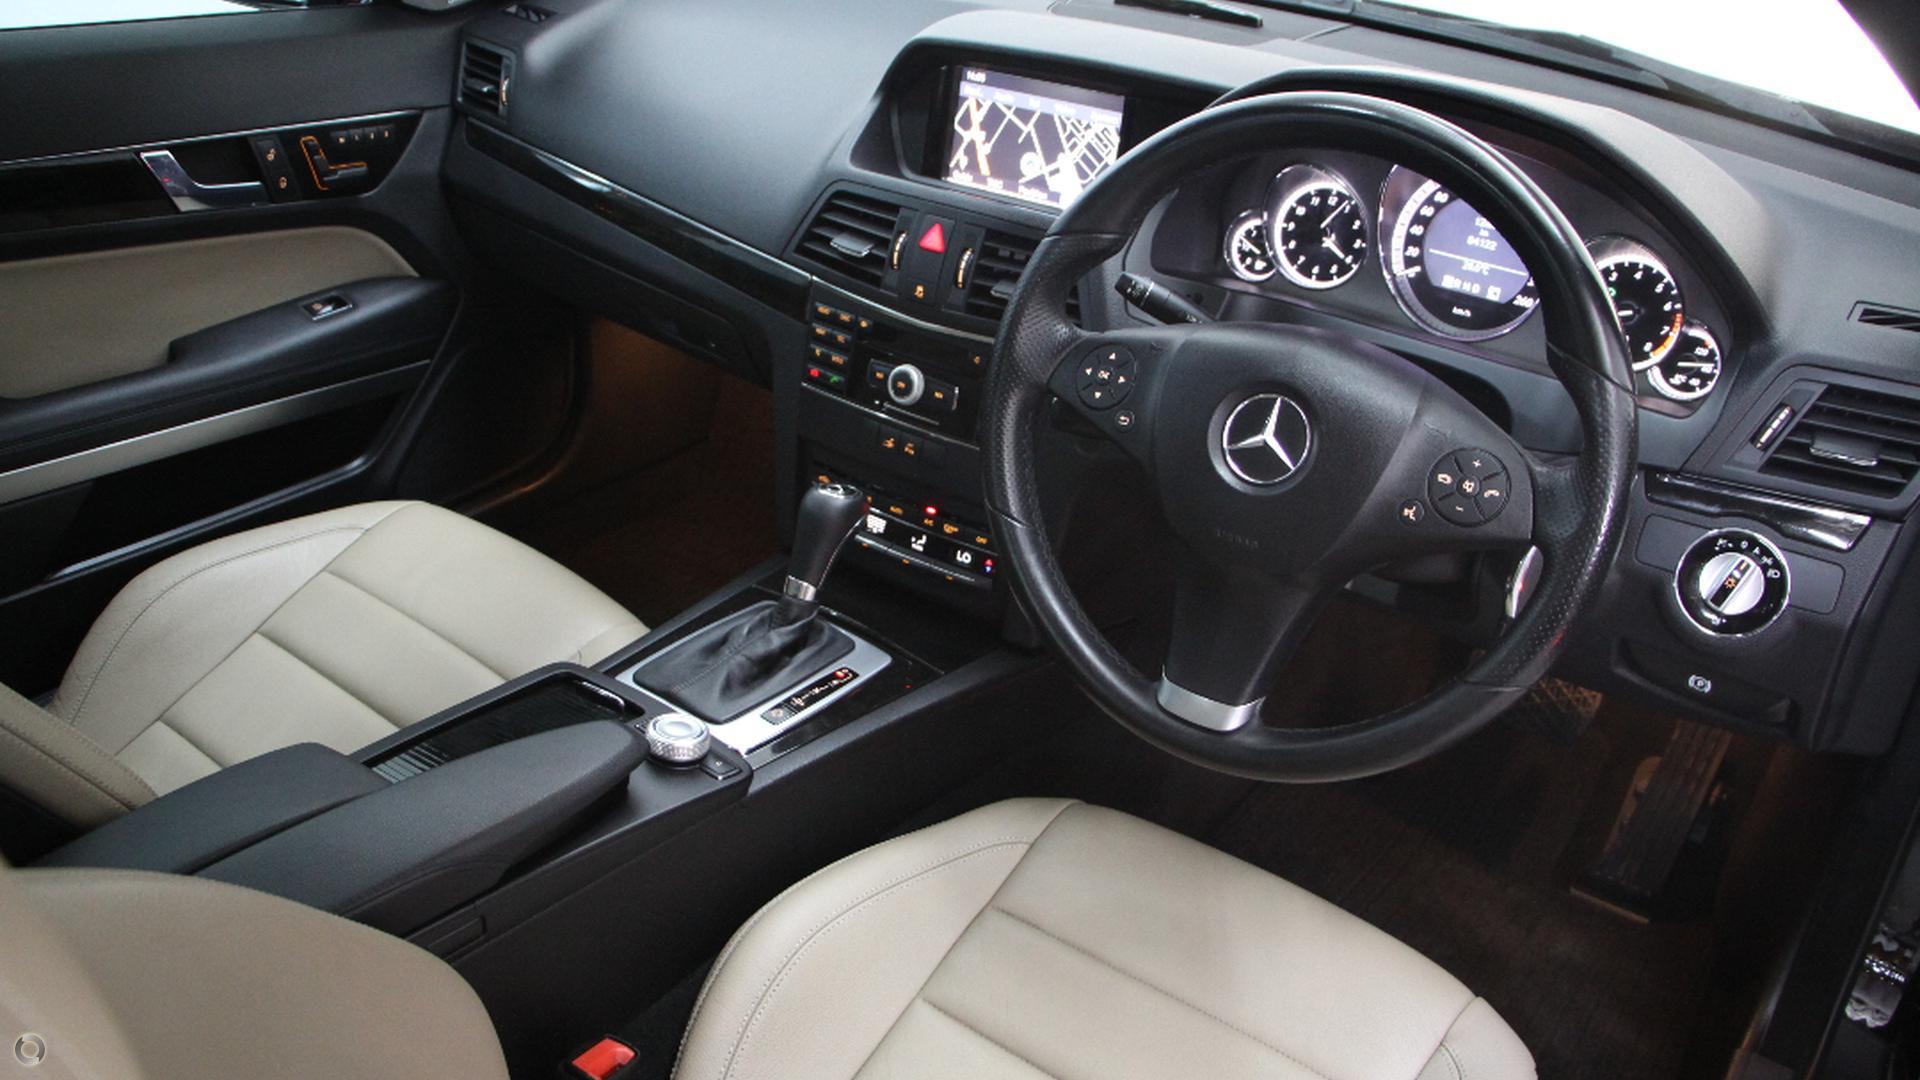 2009 Mercedes-Benz E350 Avantgarde C207